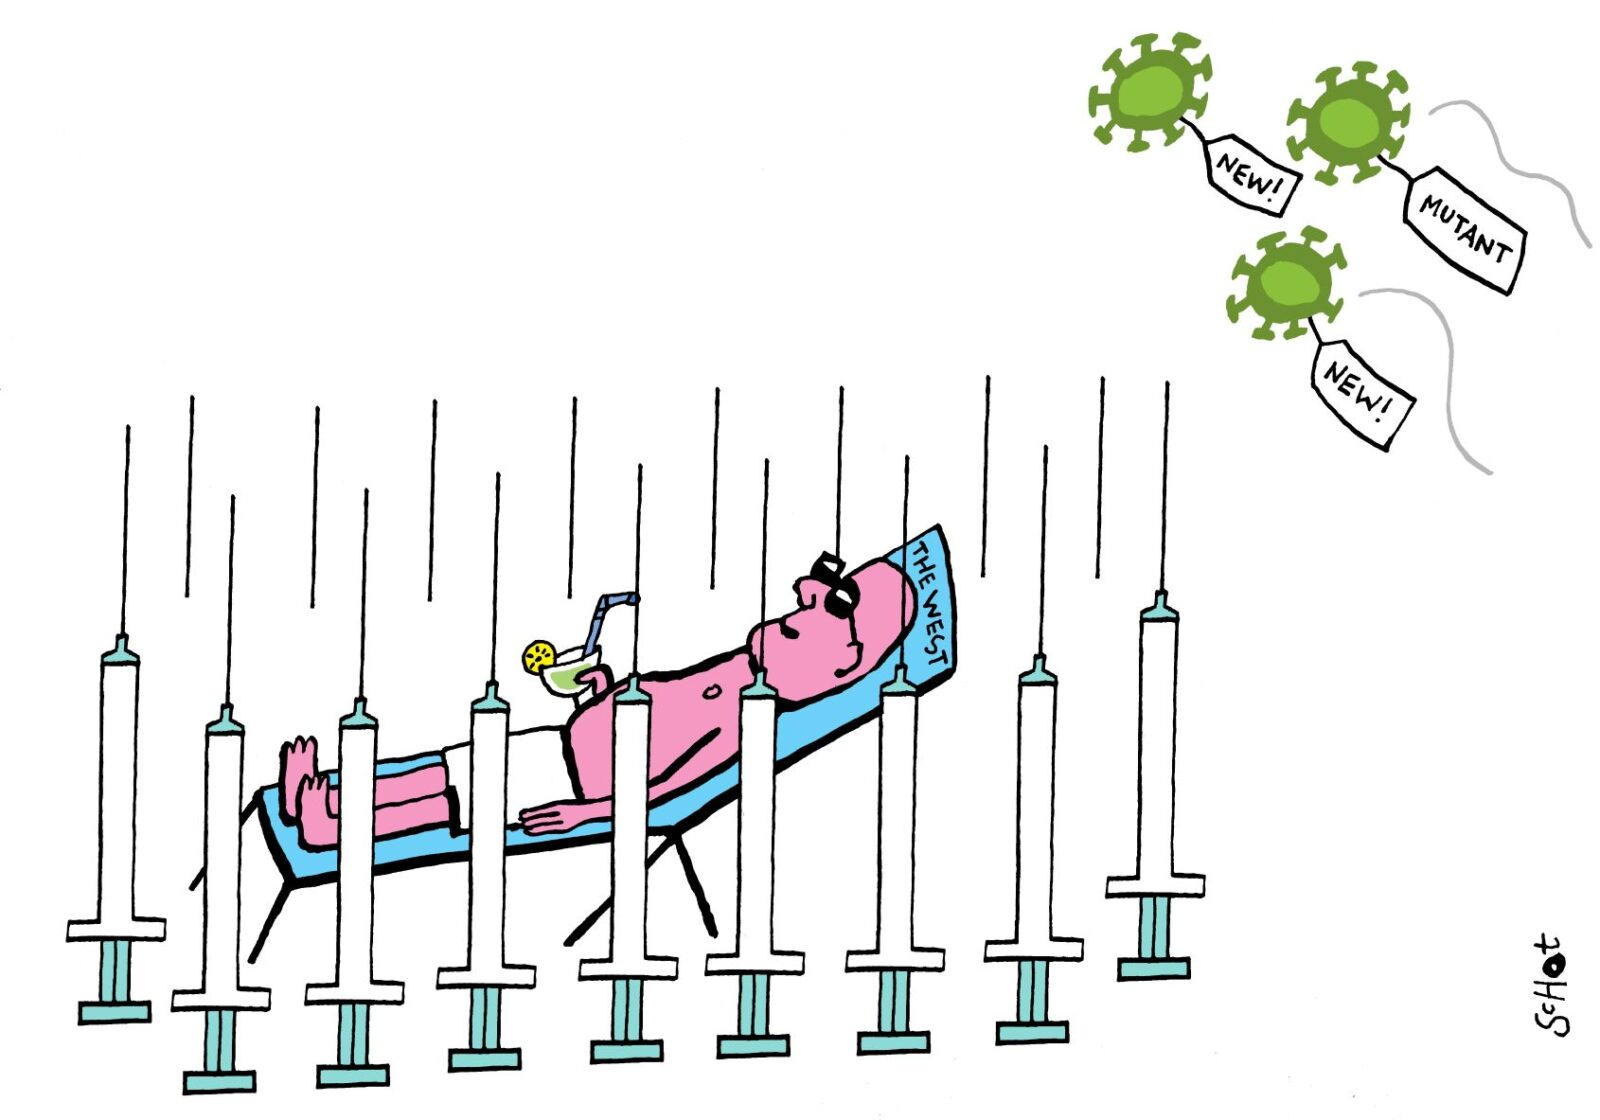 em-vaccin nieuwe variant westen -eng-def